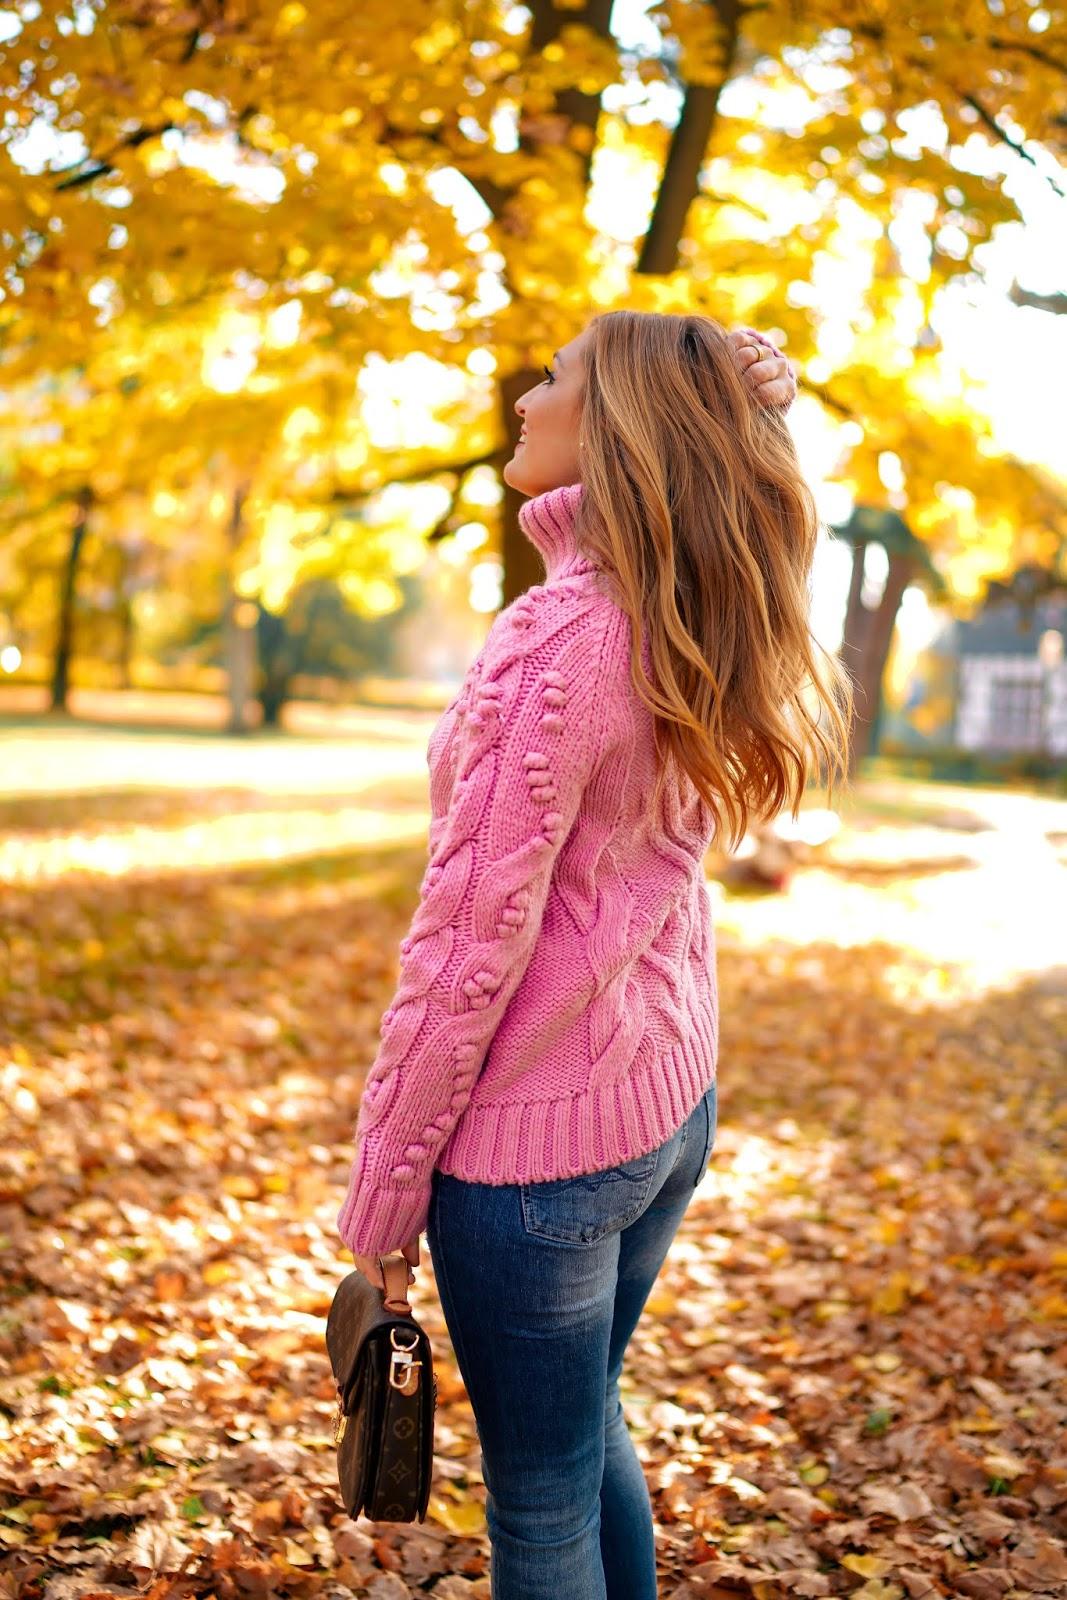 Rosa-rollkragenpullover-skinny-jeans-der-perfekte-herbstlook-was-ist-derzeit-im-trend-trend-outfit-Fashionstylebyjohanna.